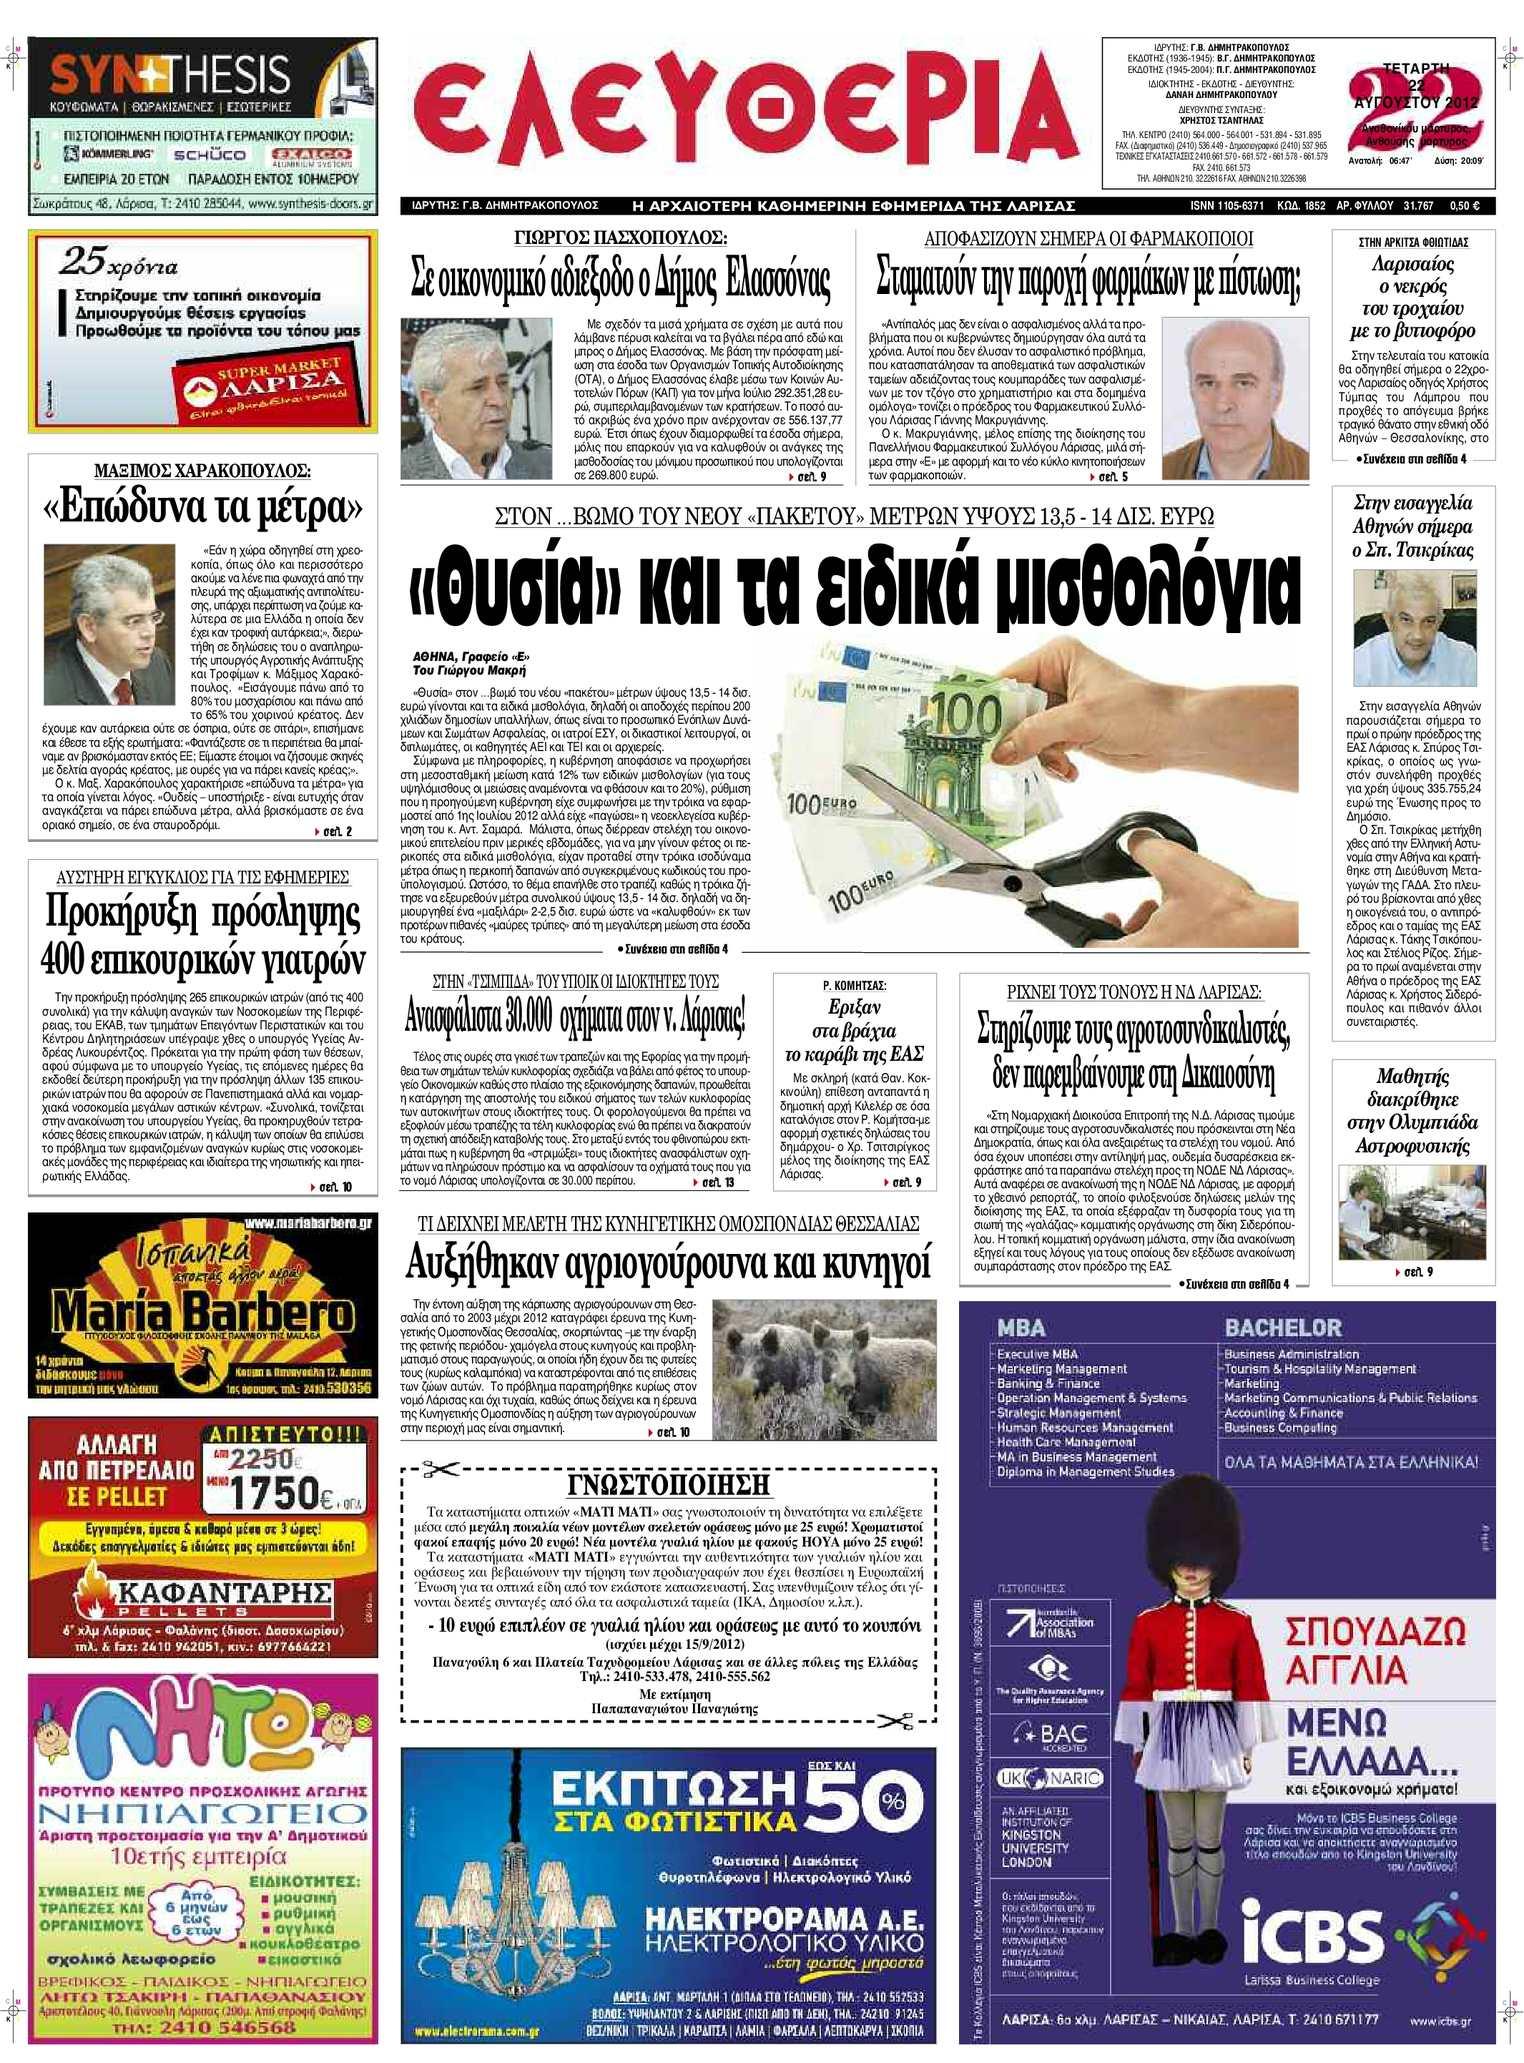 904a6b46e0f Calaméo - Eleftheria.gr_22/08/2012